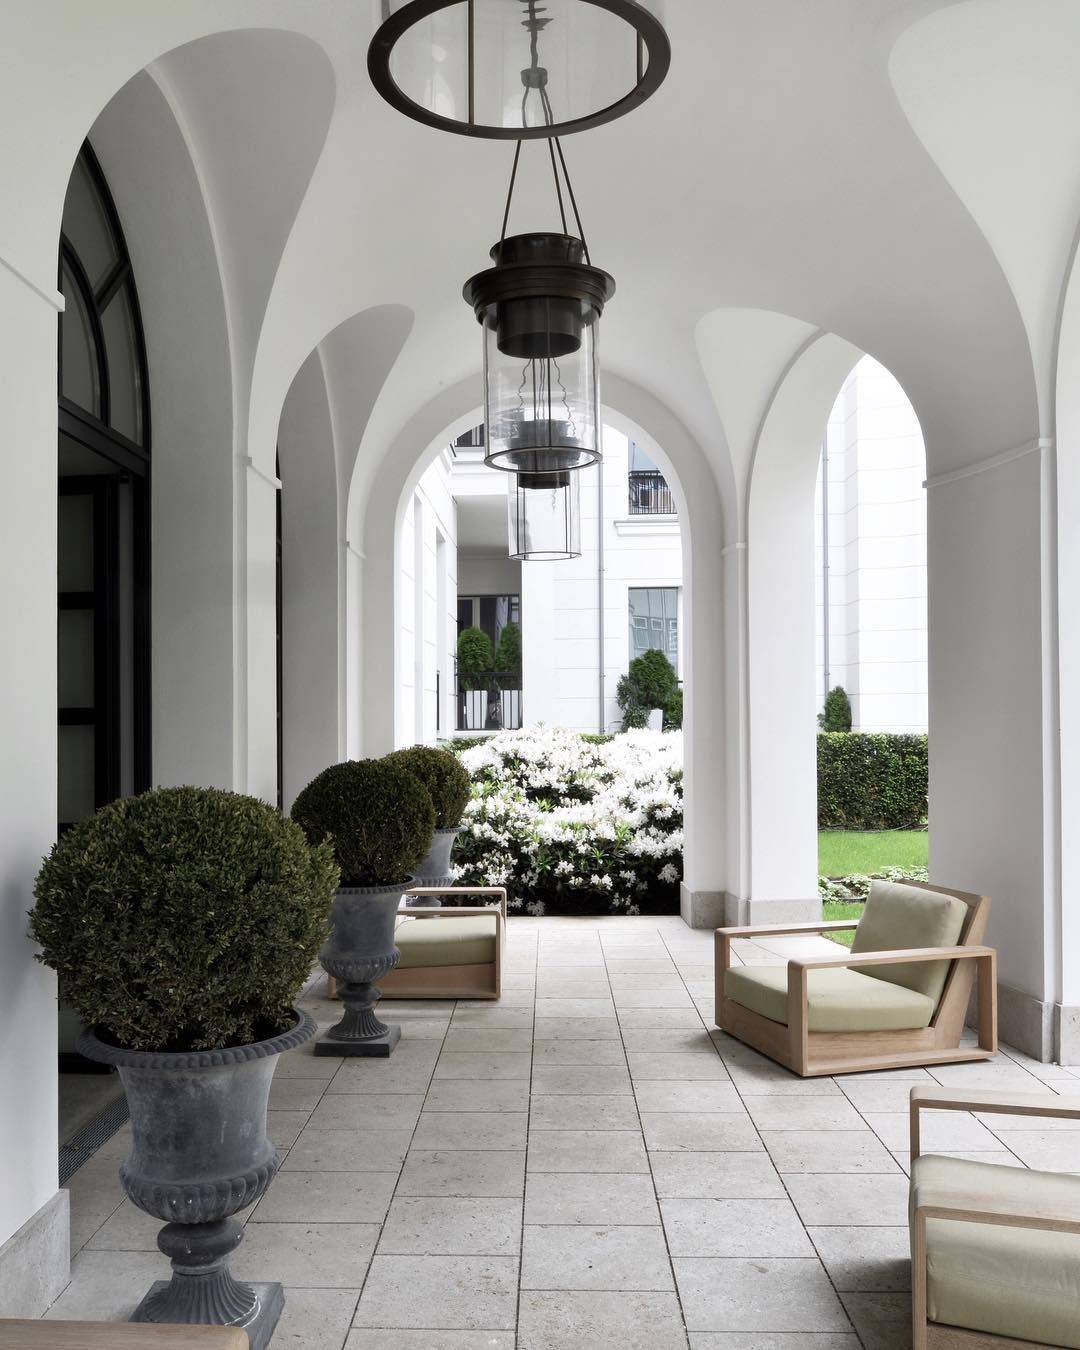 Eisenzahn 1 Berlin Charlottenburg Ralf Schmitz Immobilien House Exterior Dream Home Design Interior Architecture Design